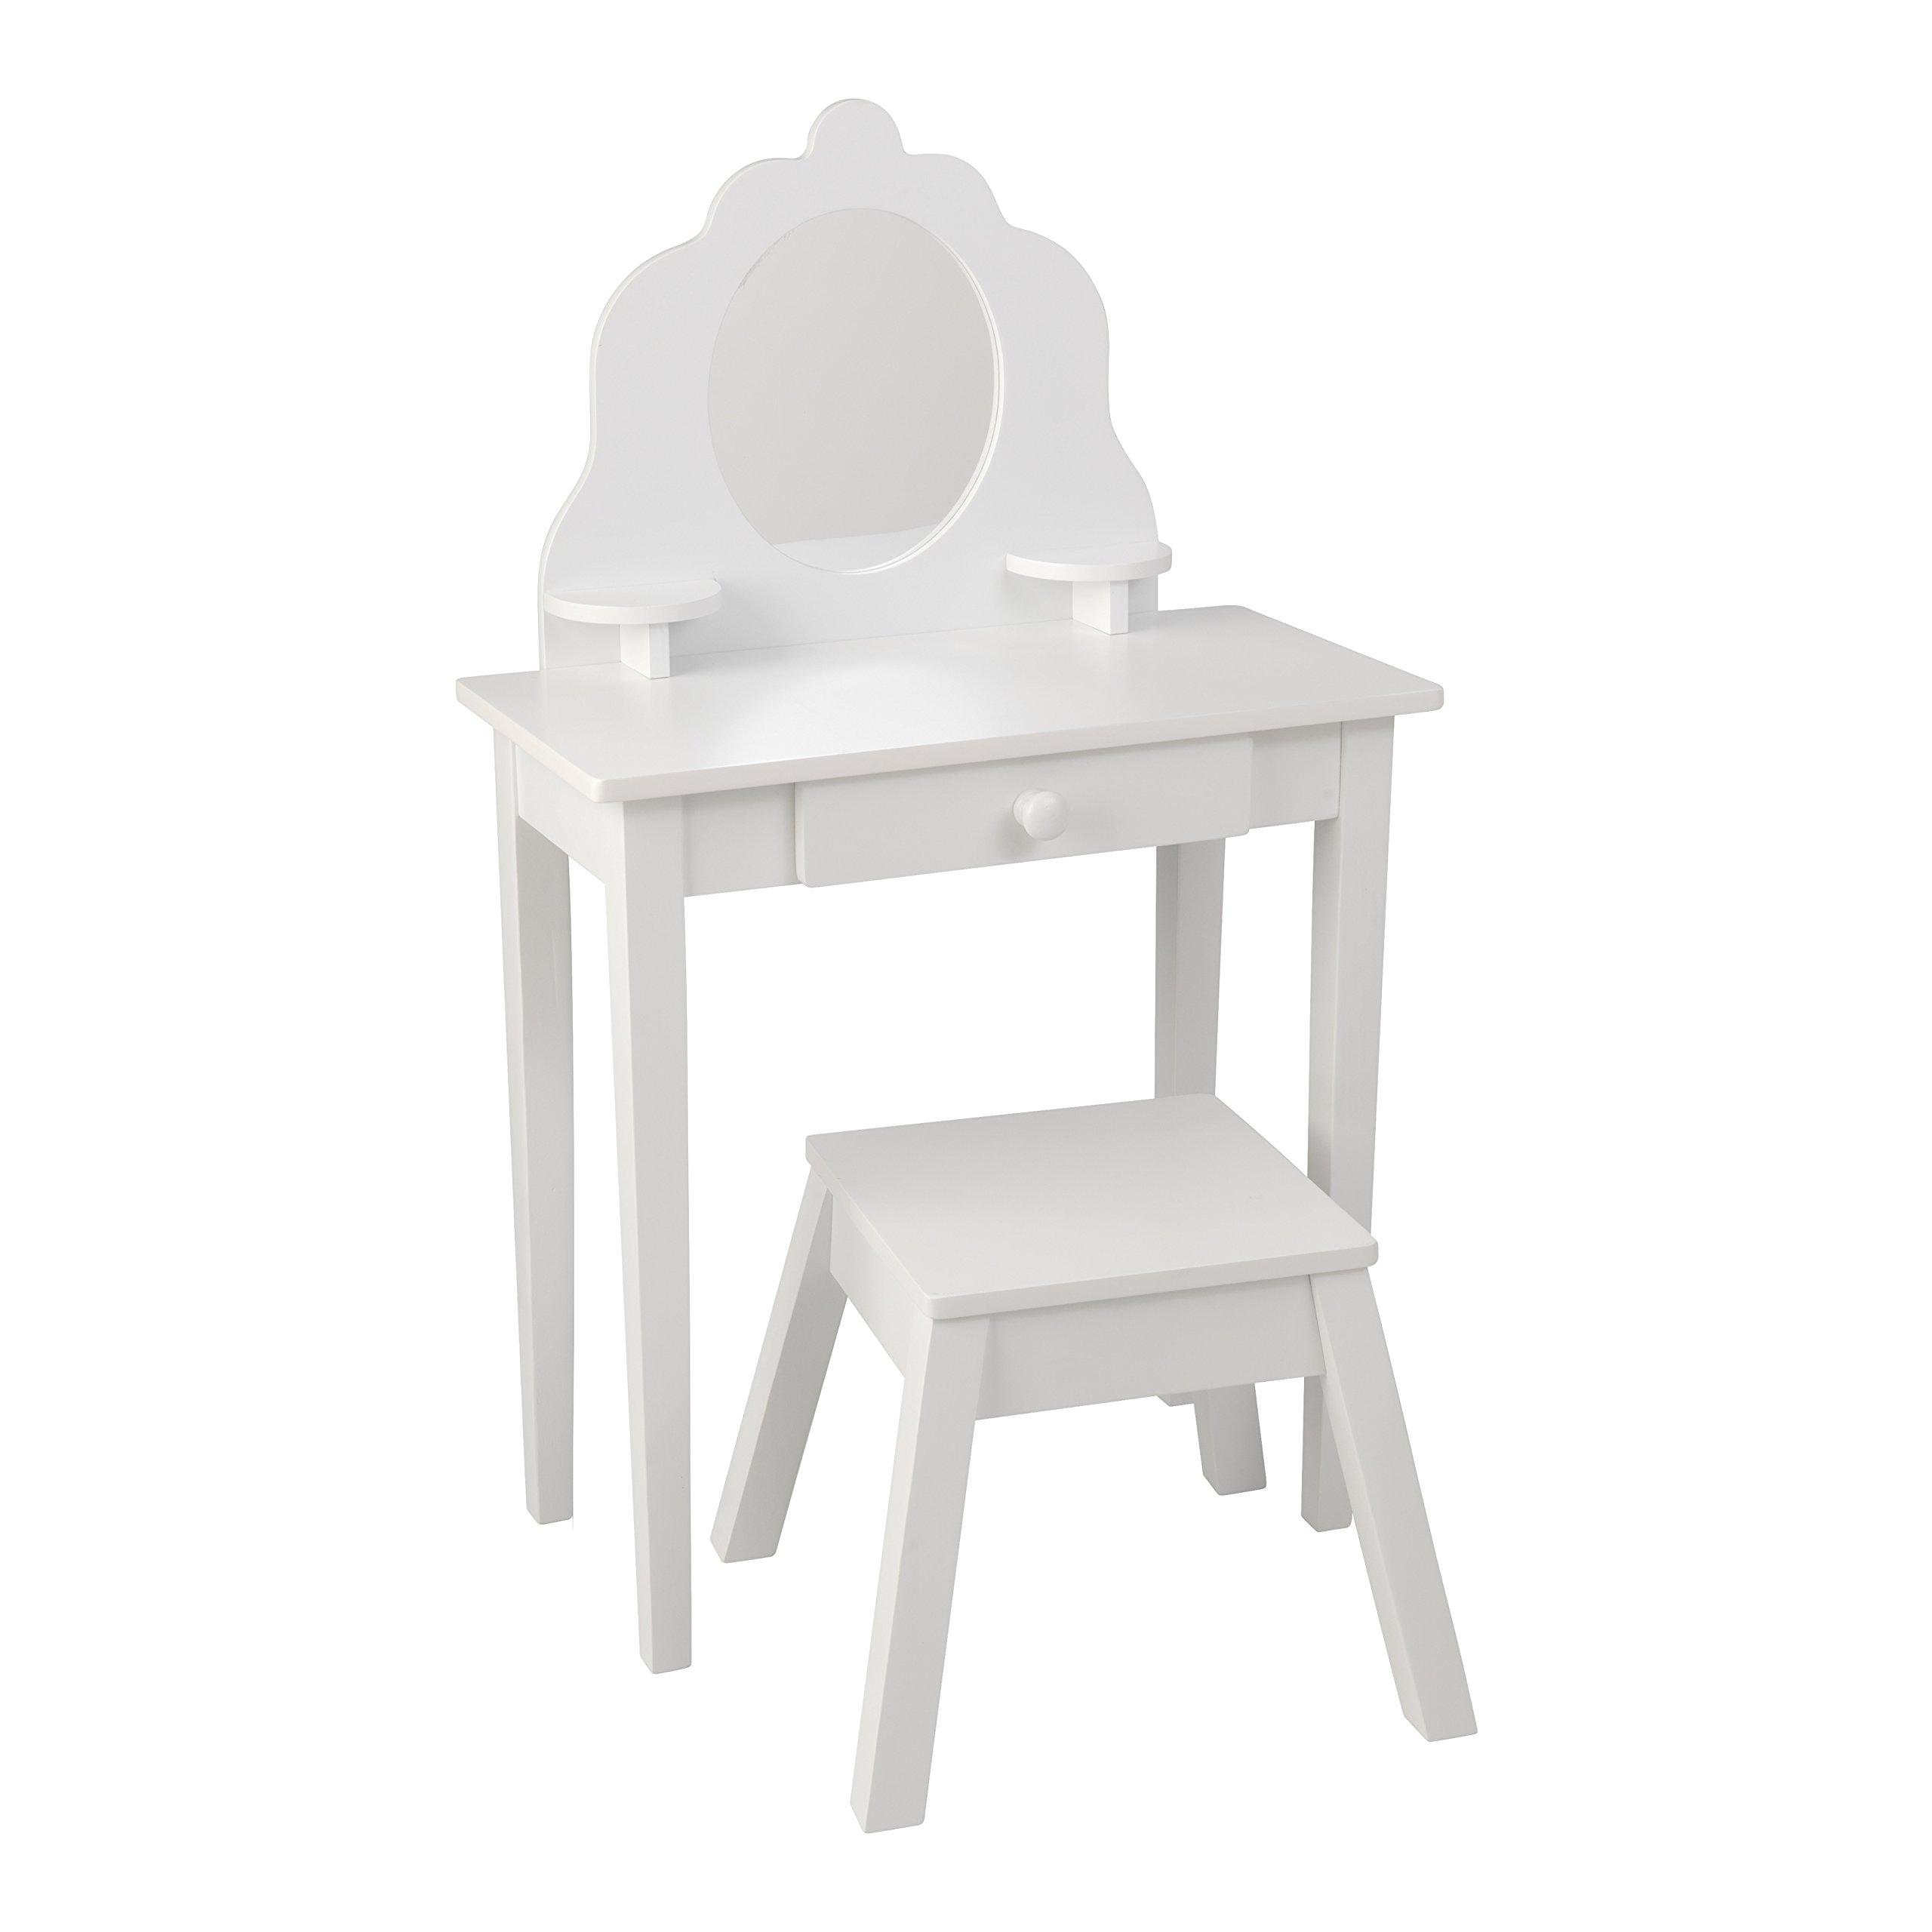 KidKraft Medium Diva Table & Stool by KidKraft